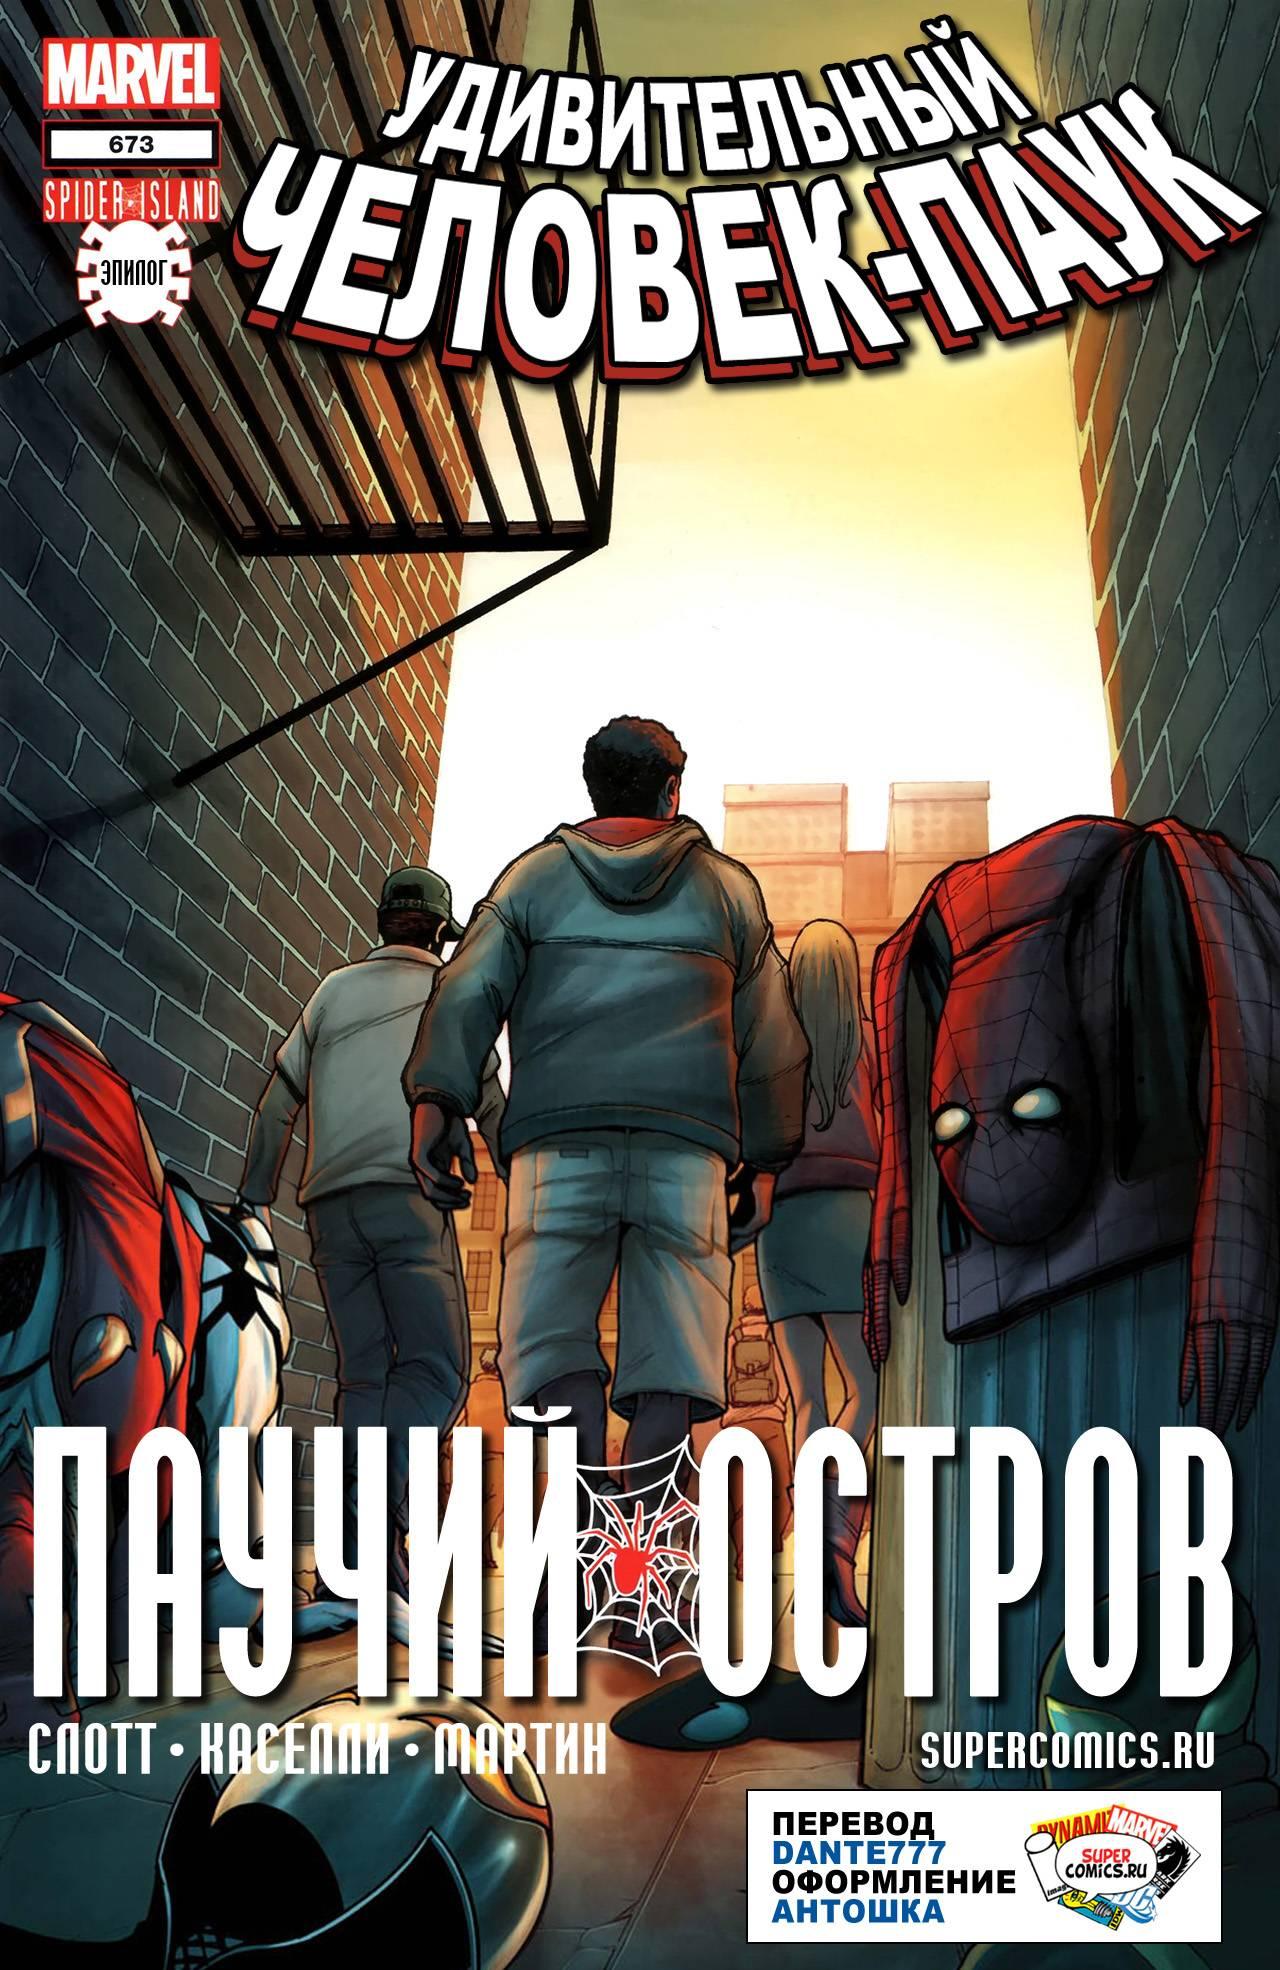 Удивительный Человек-паук №673 онлайн